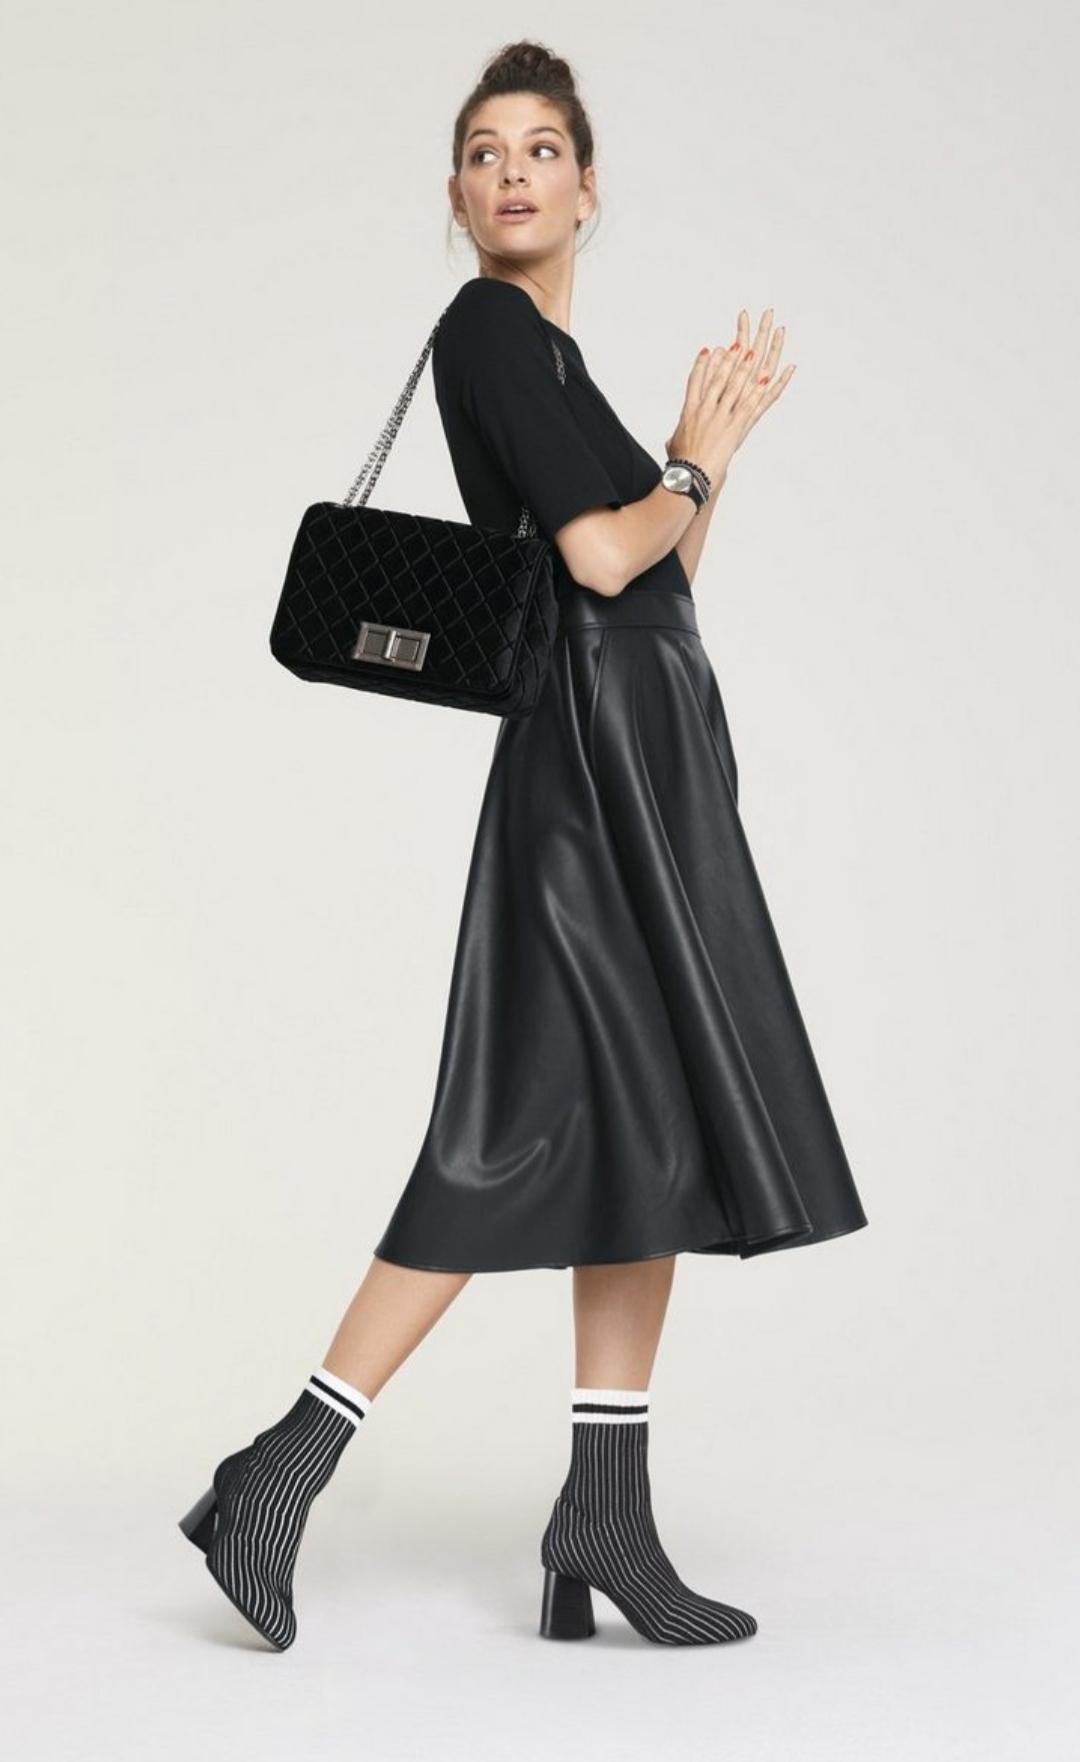 wie findet ihr dieses schwarze kleid? (mode, kleidung